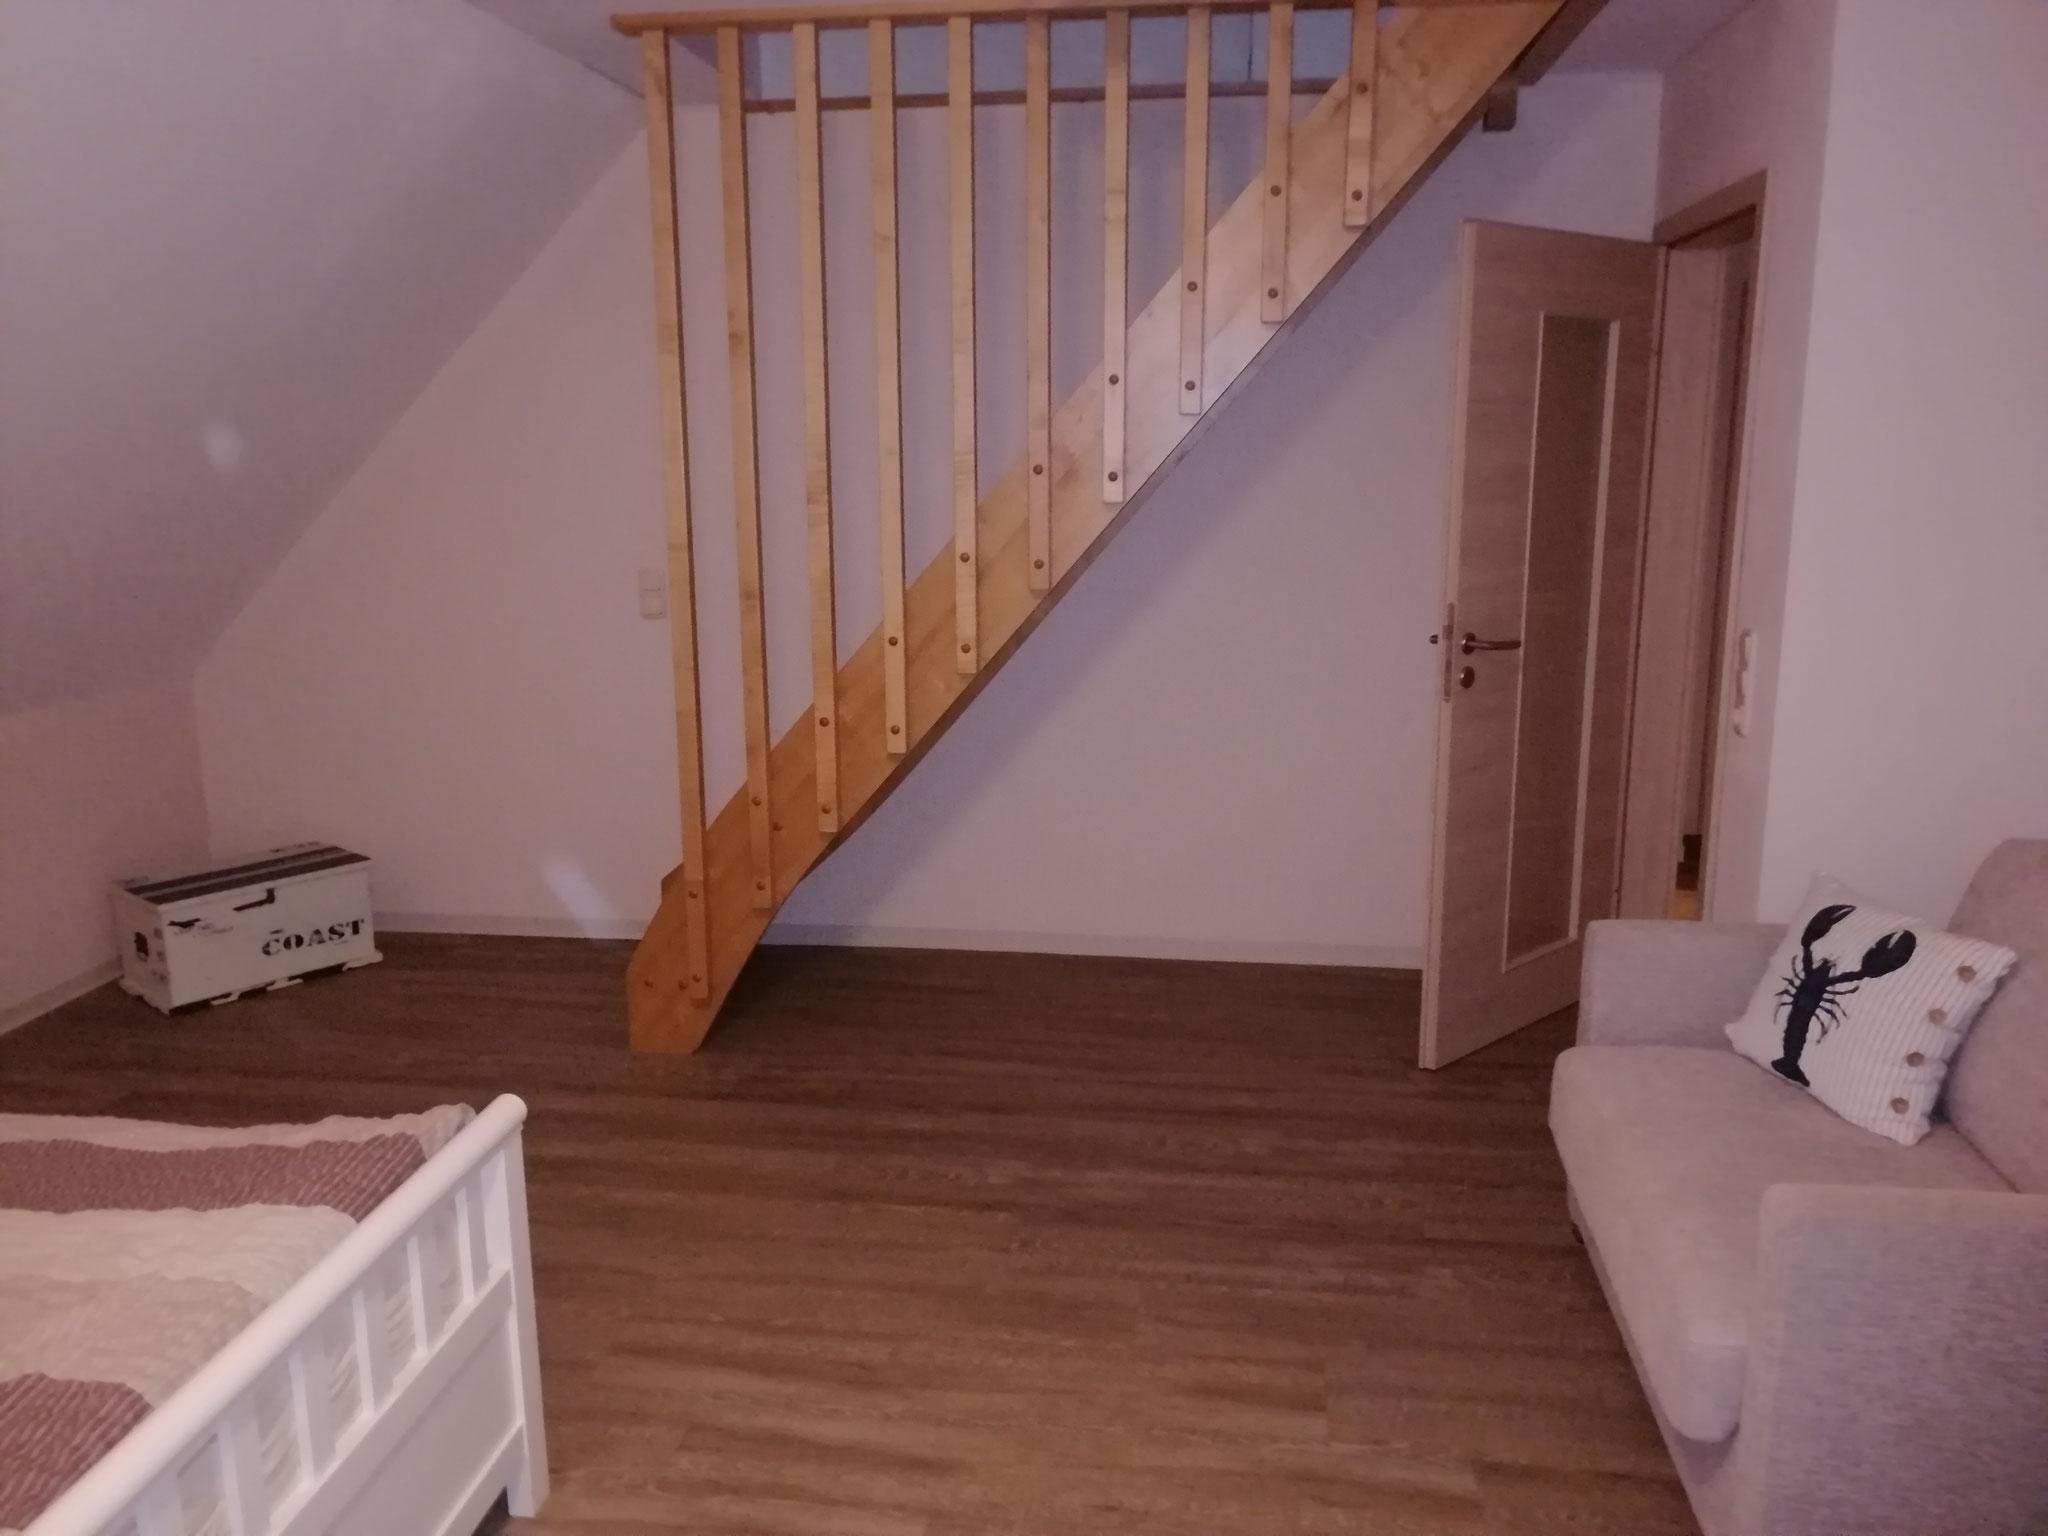 Treppe ins Dachgeschoß im 2. Schlafzimmer Obergeschoß